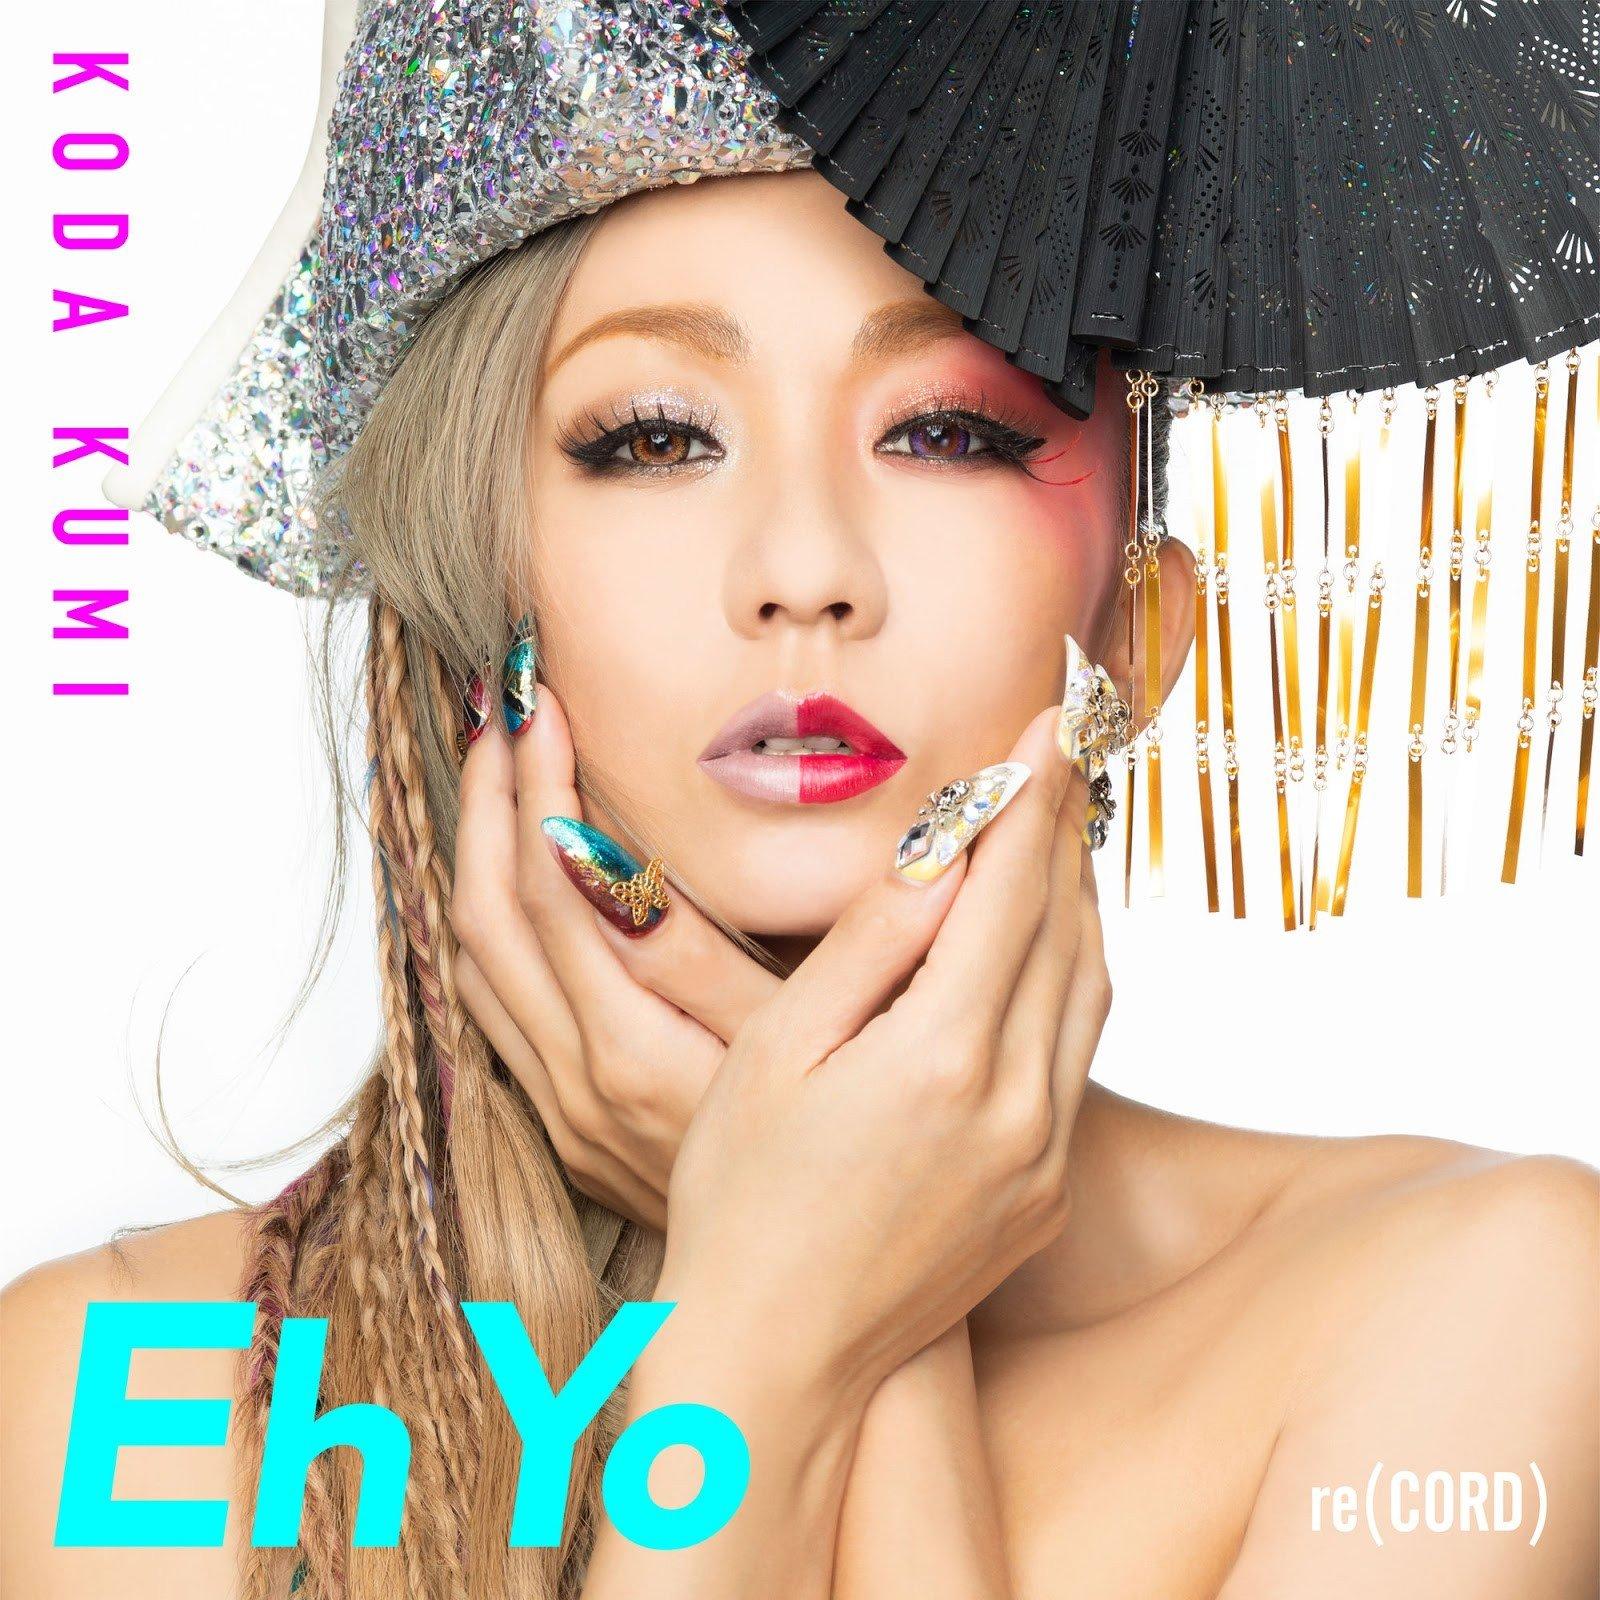 倖田來未 (Koda Kumi) – Eh Yo [FLAC + MP3 320 / WEB] [2019.07.03]